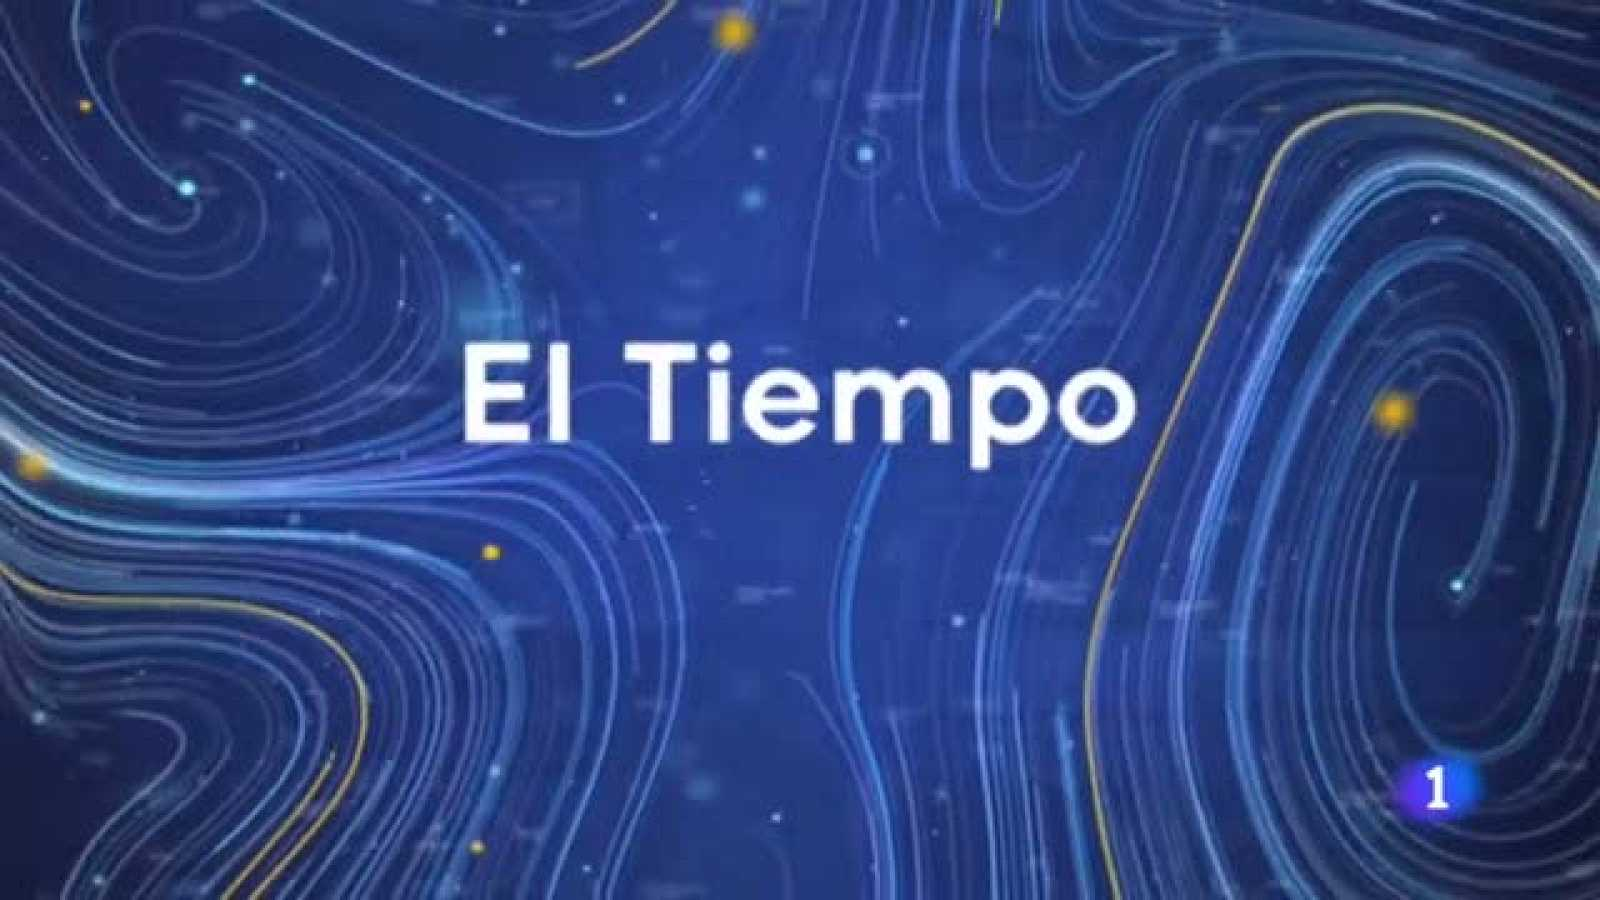 El tiempo en Castilla y León - 23/02/21 - Ver ahora